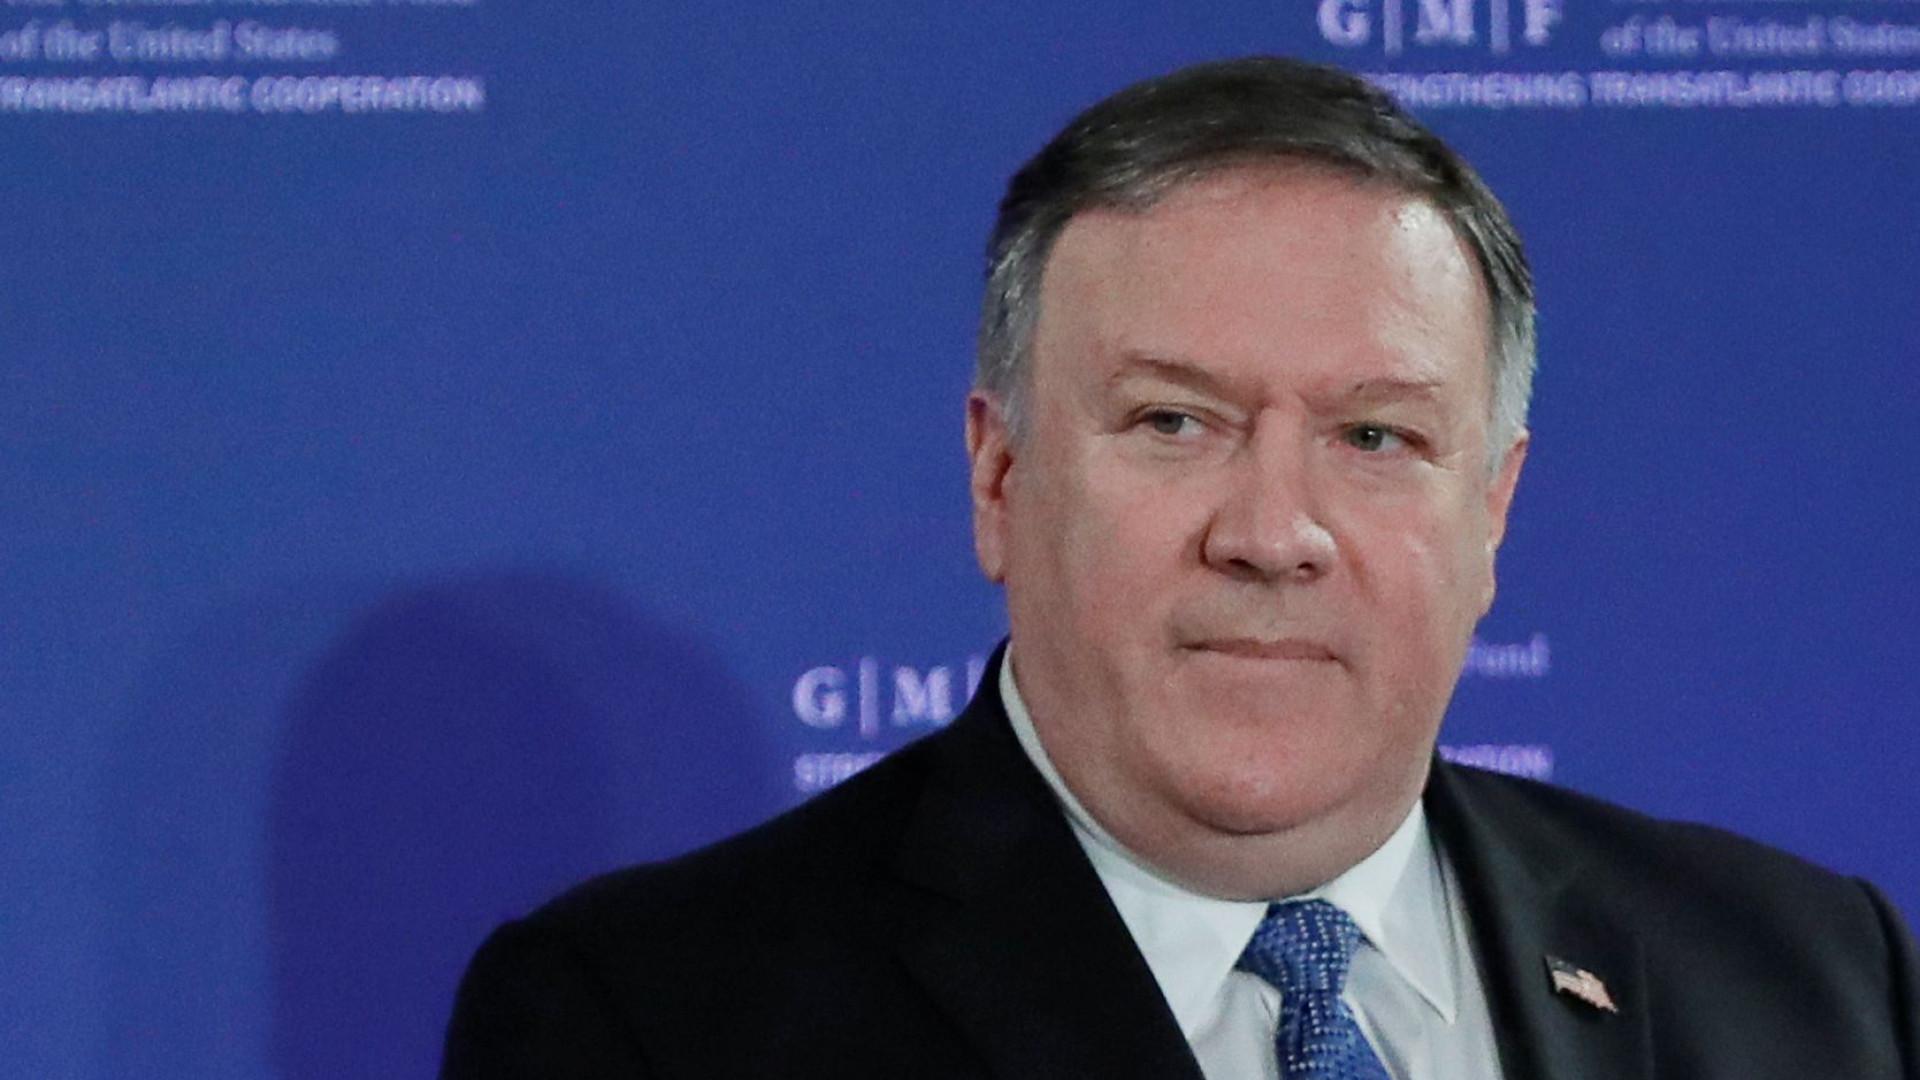 Pompeo diz que é preciso confrontar Irão para ter paz e segurança